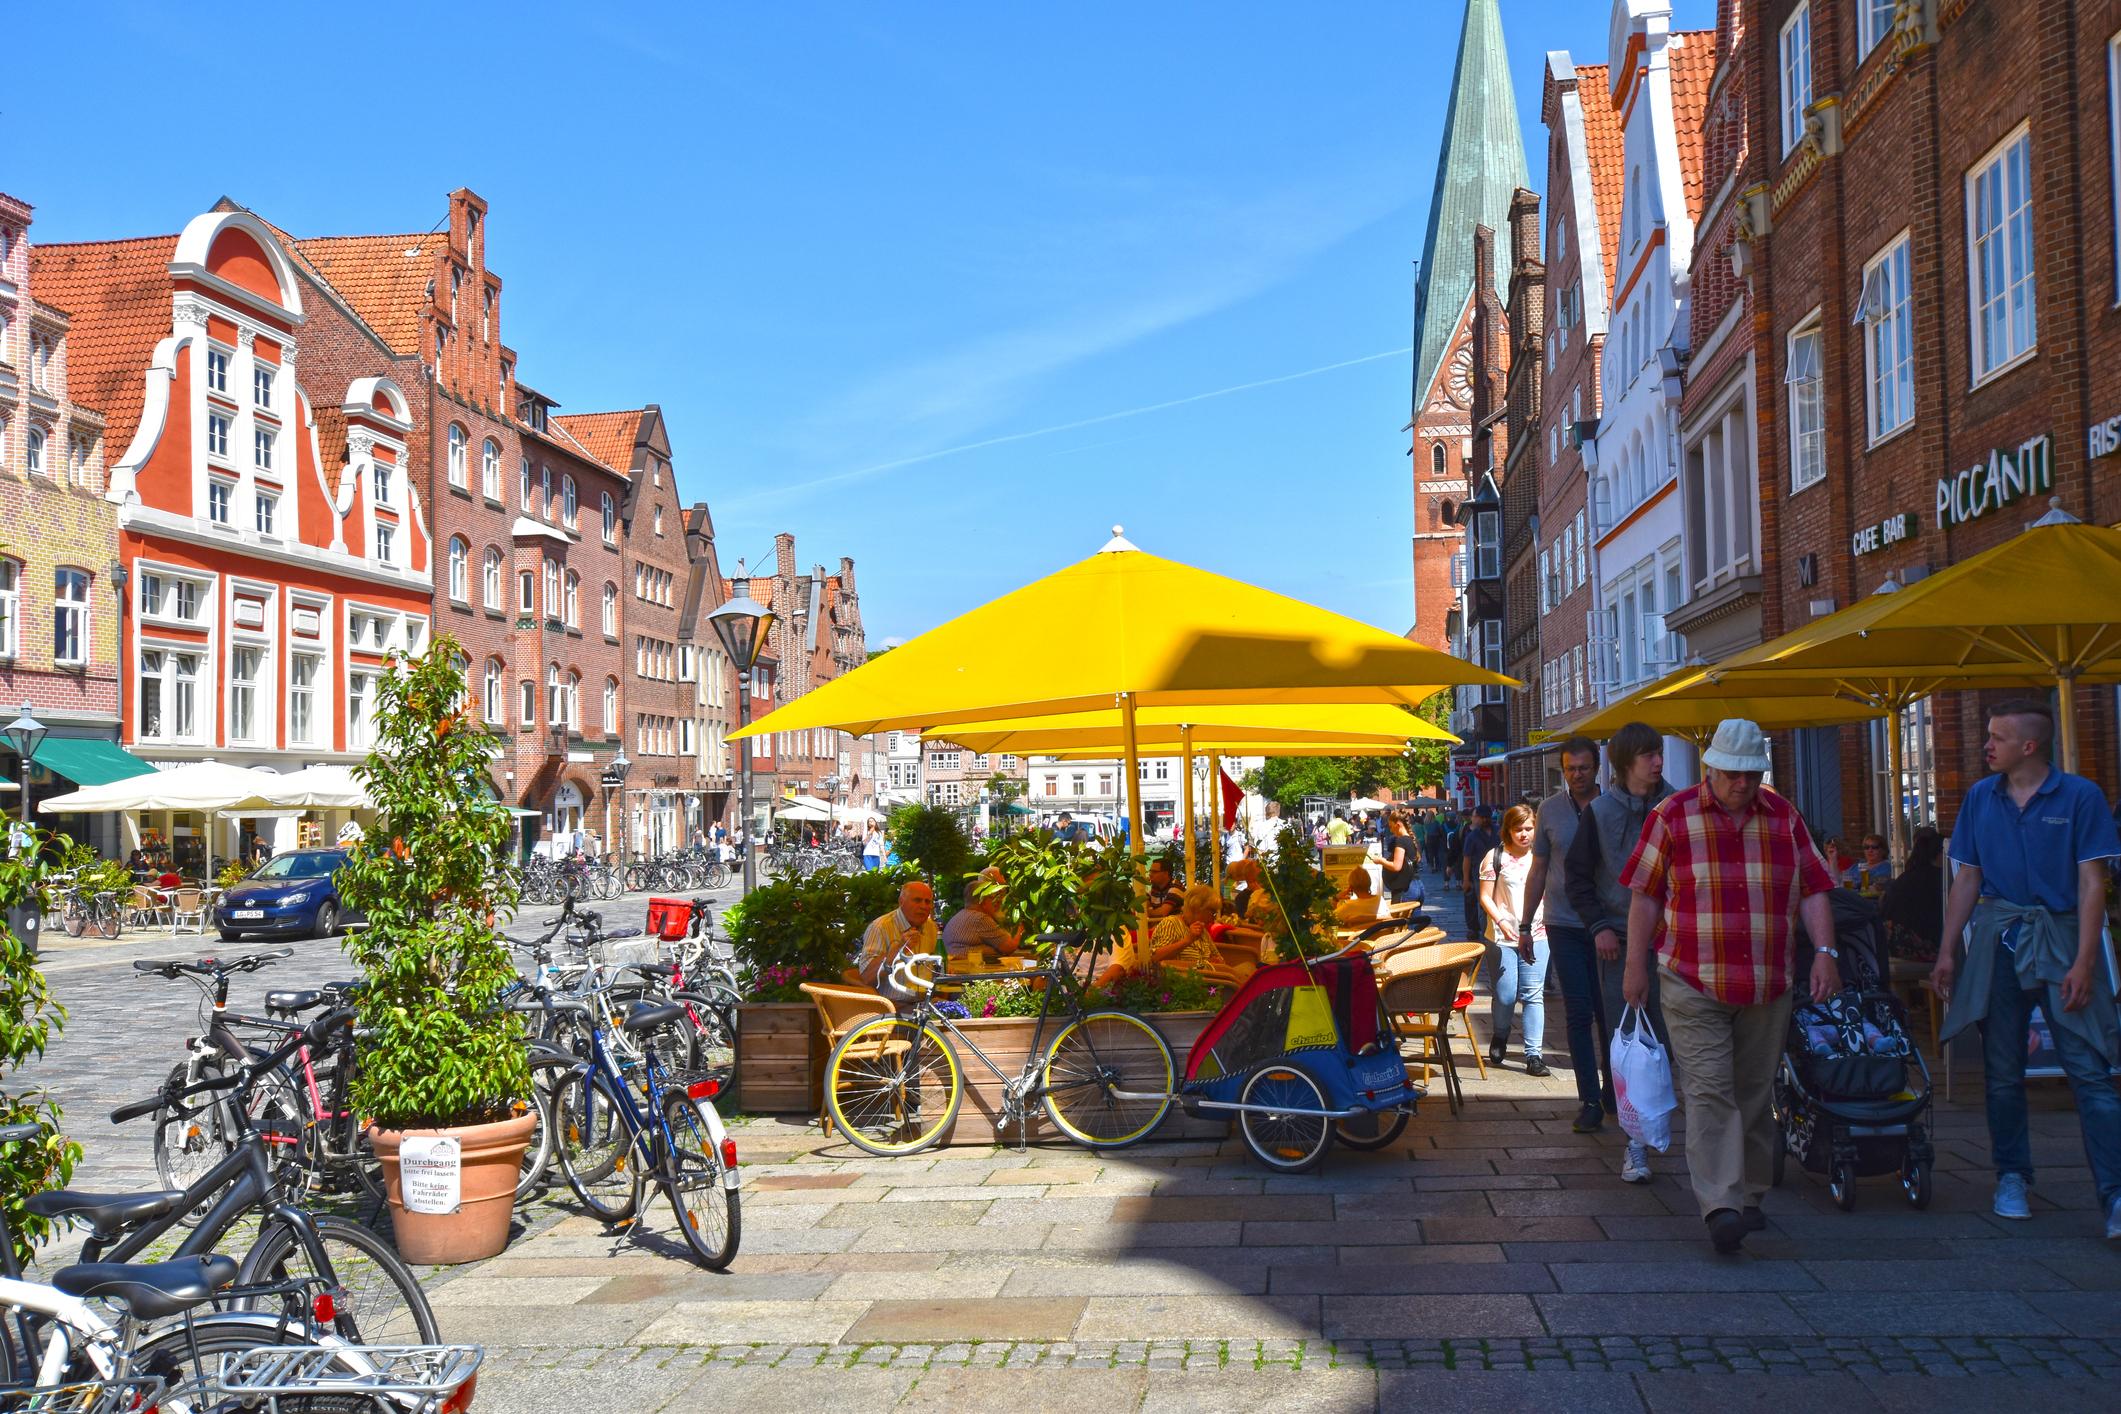 Люнебург<br /> През Средновековието град Люнебург на река Илменау е бил най-големият доставчик на сол за цяла Северна Германия. Солта, добивана там, е била товарена на кораби, с които през реките Илменау и Елба е стигала до Северно море. Местният музей на солта показва колко голяма роля е изиграла тя за развитието на града.